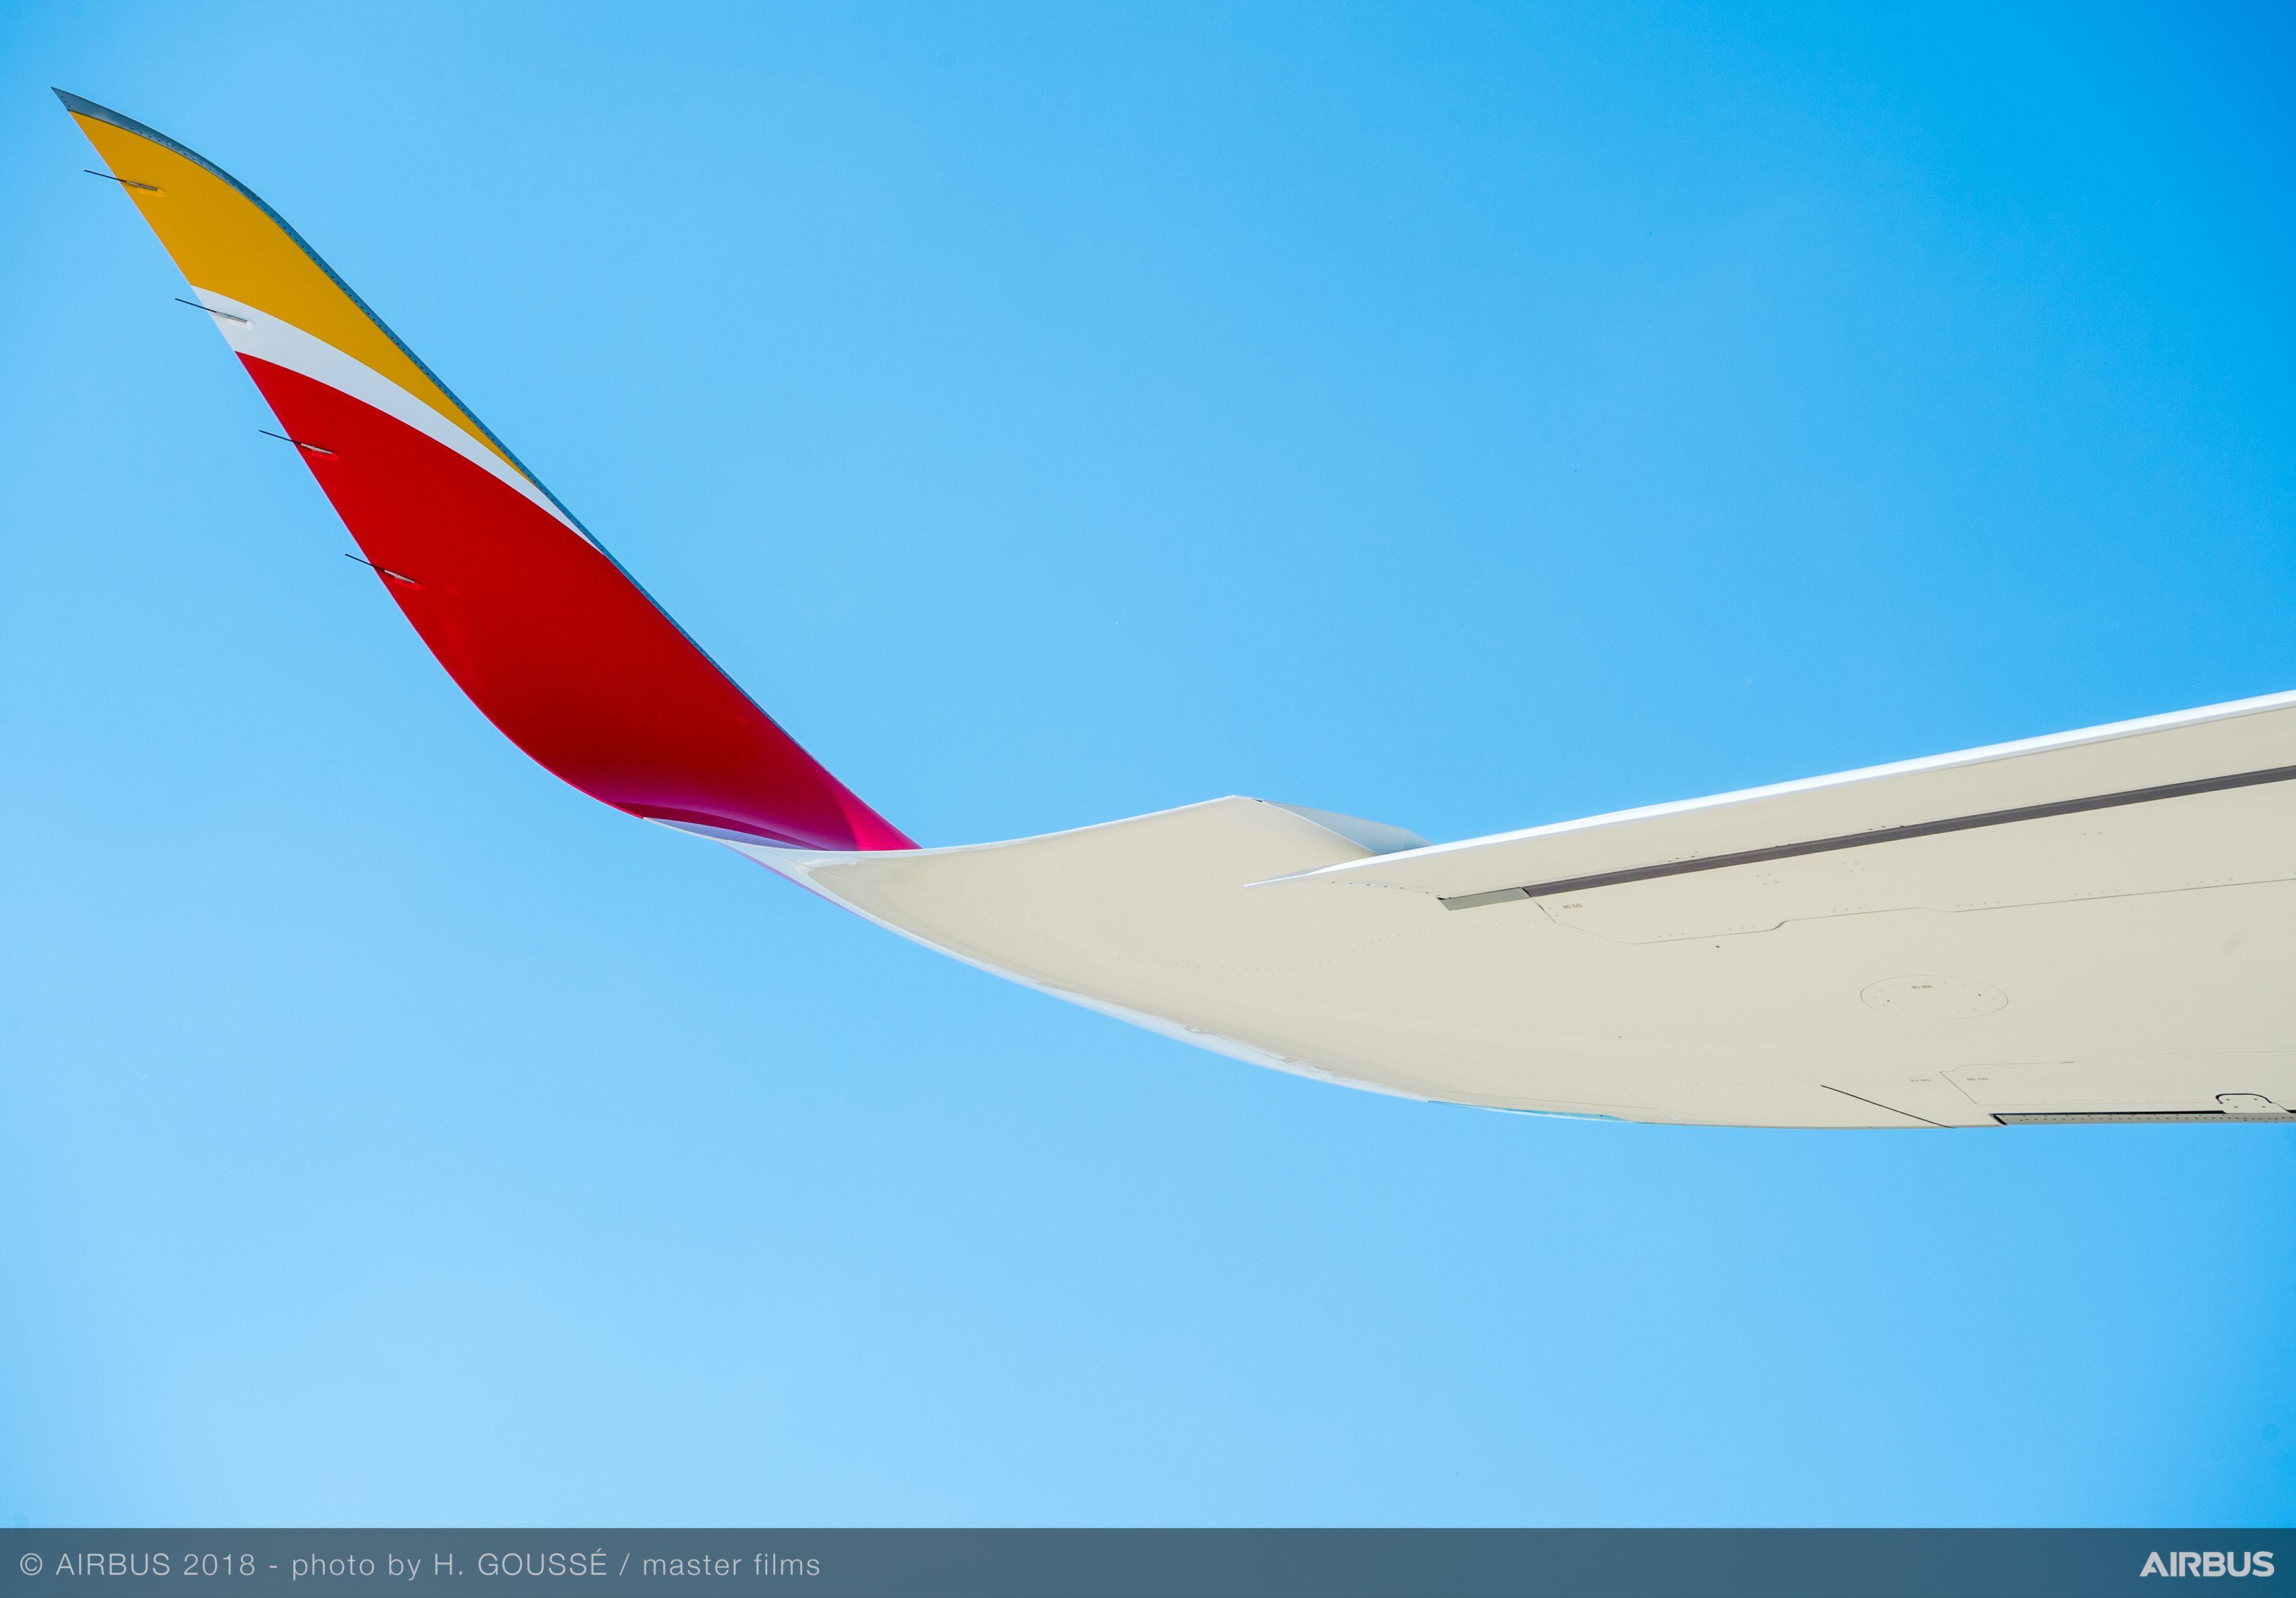 De Airbus A350-900 van Iberia heeft extended winglets en een licht gebogen vleugel om het maximale opstijggewicht te vergoten